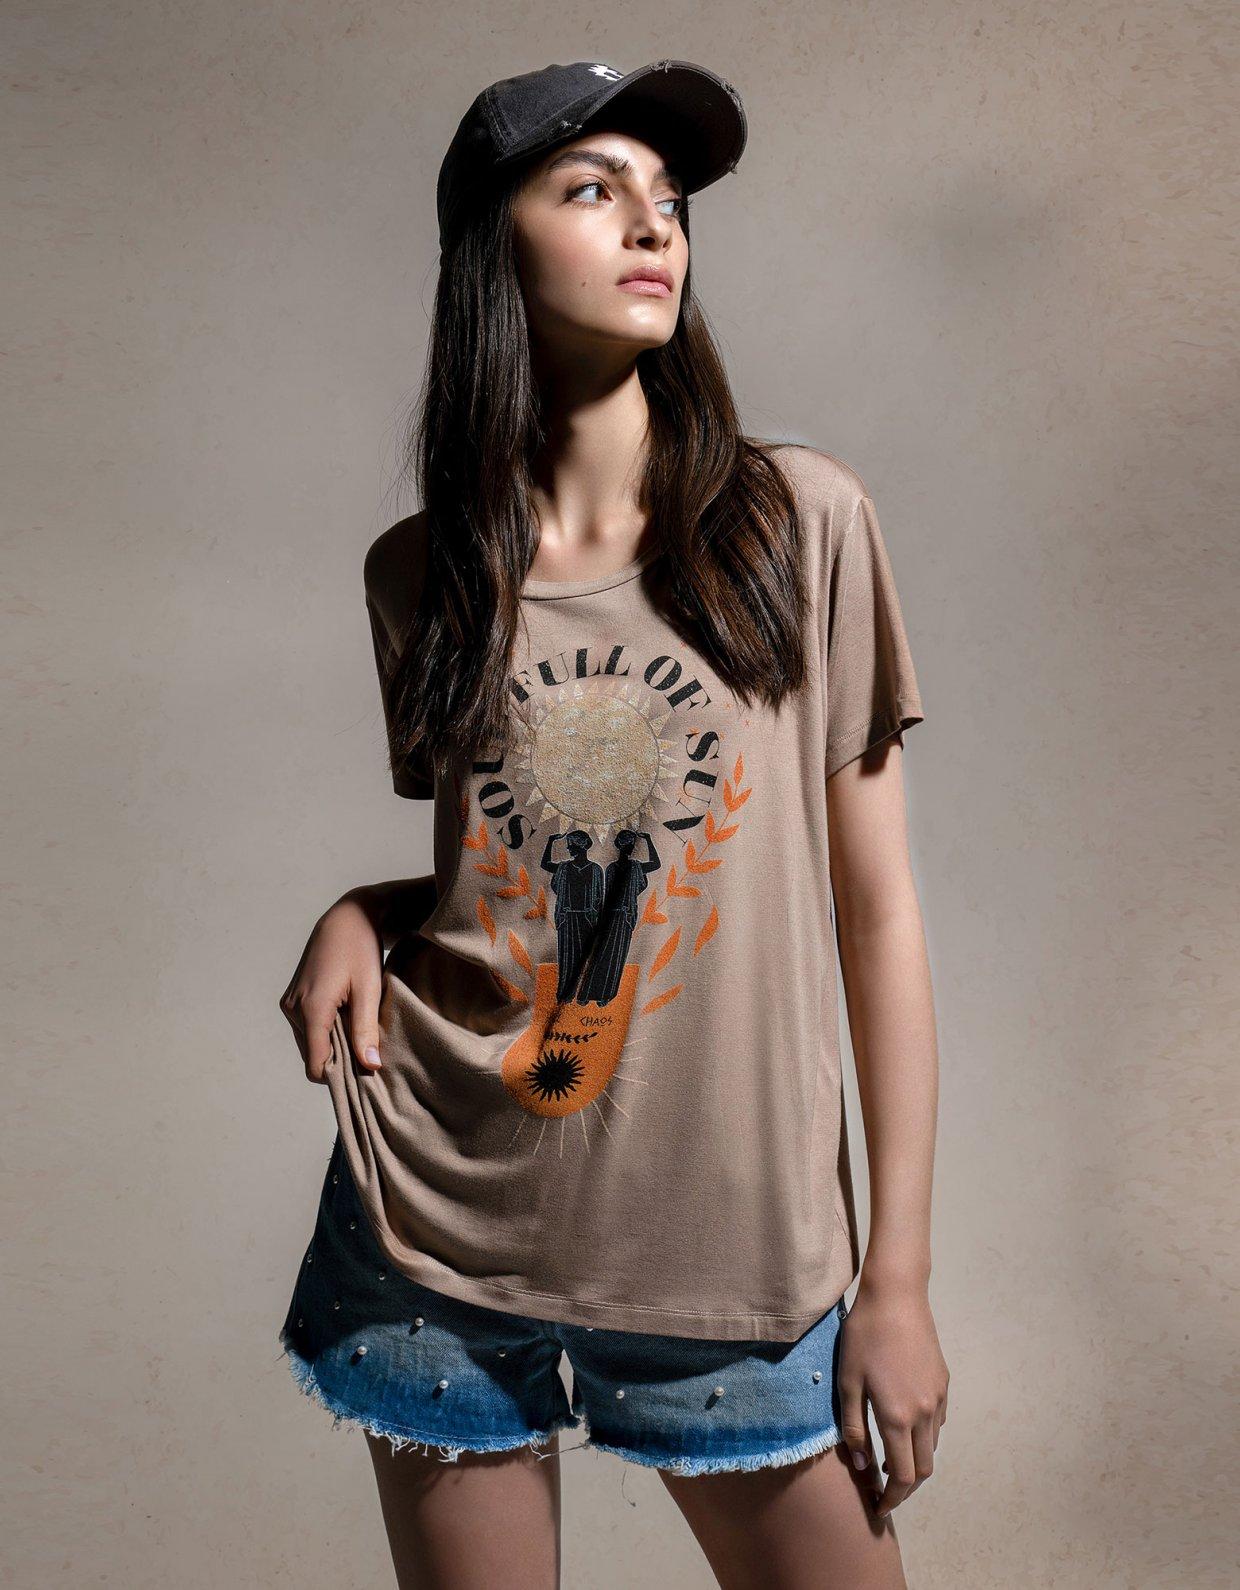 Peace & Chaos Soul full of sun t-shirt